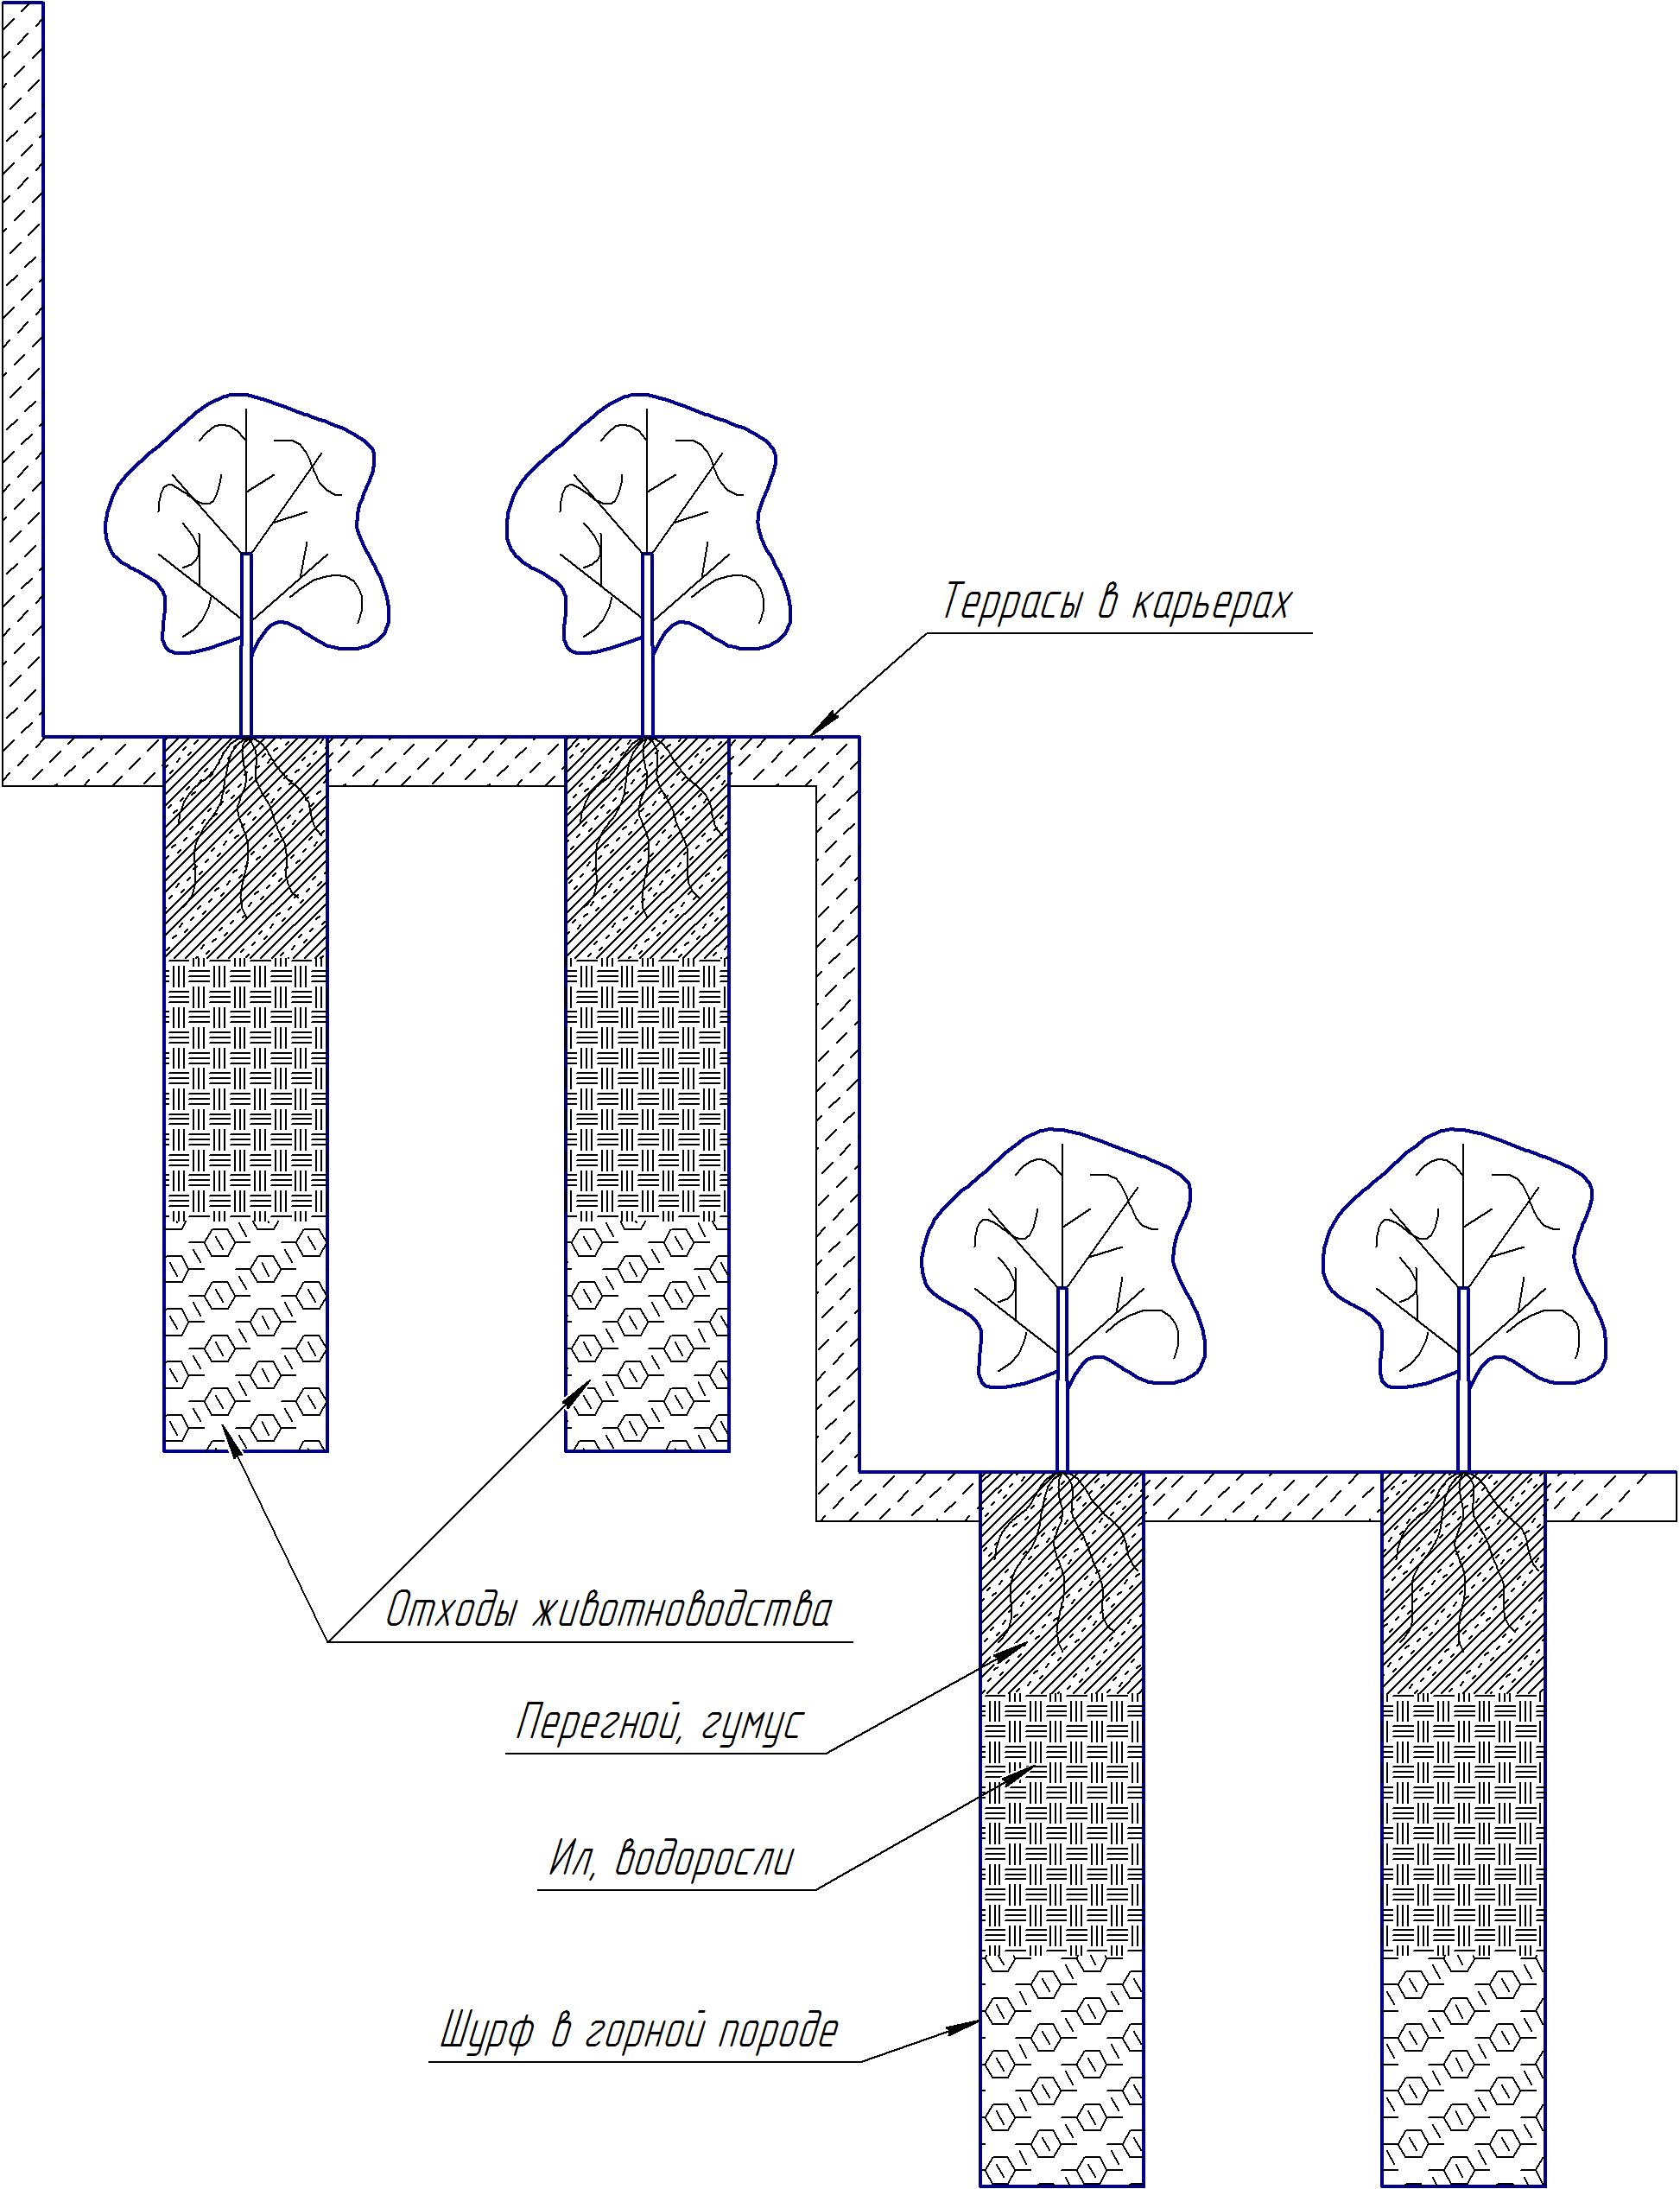 Схема высадки насаждений на спиралеобразных террасах карьеров